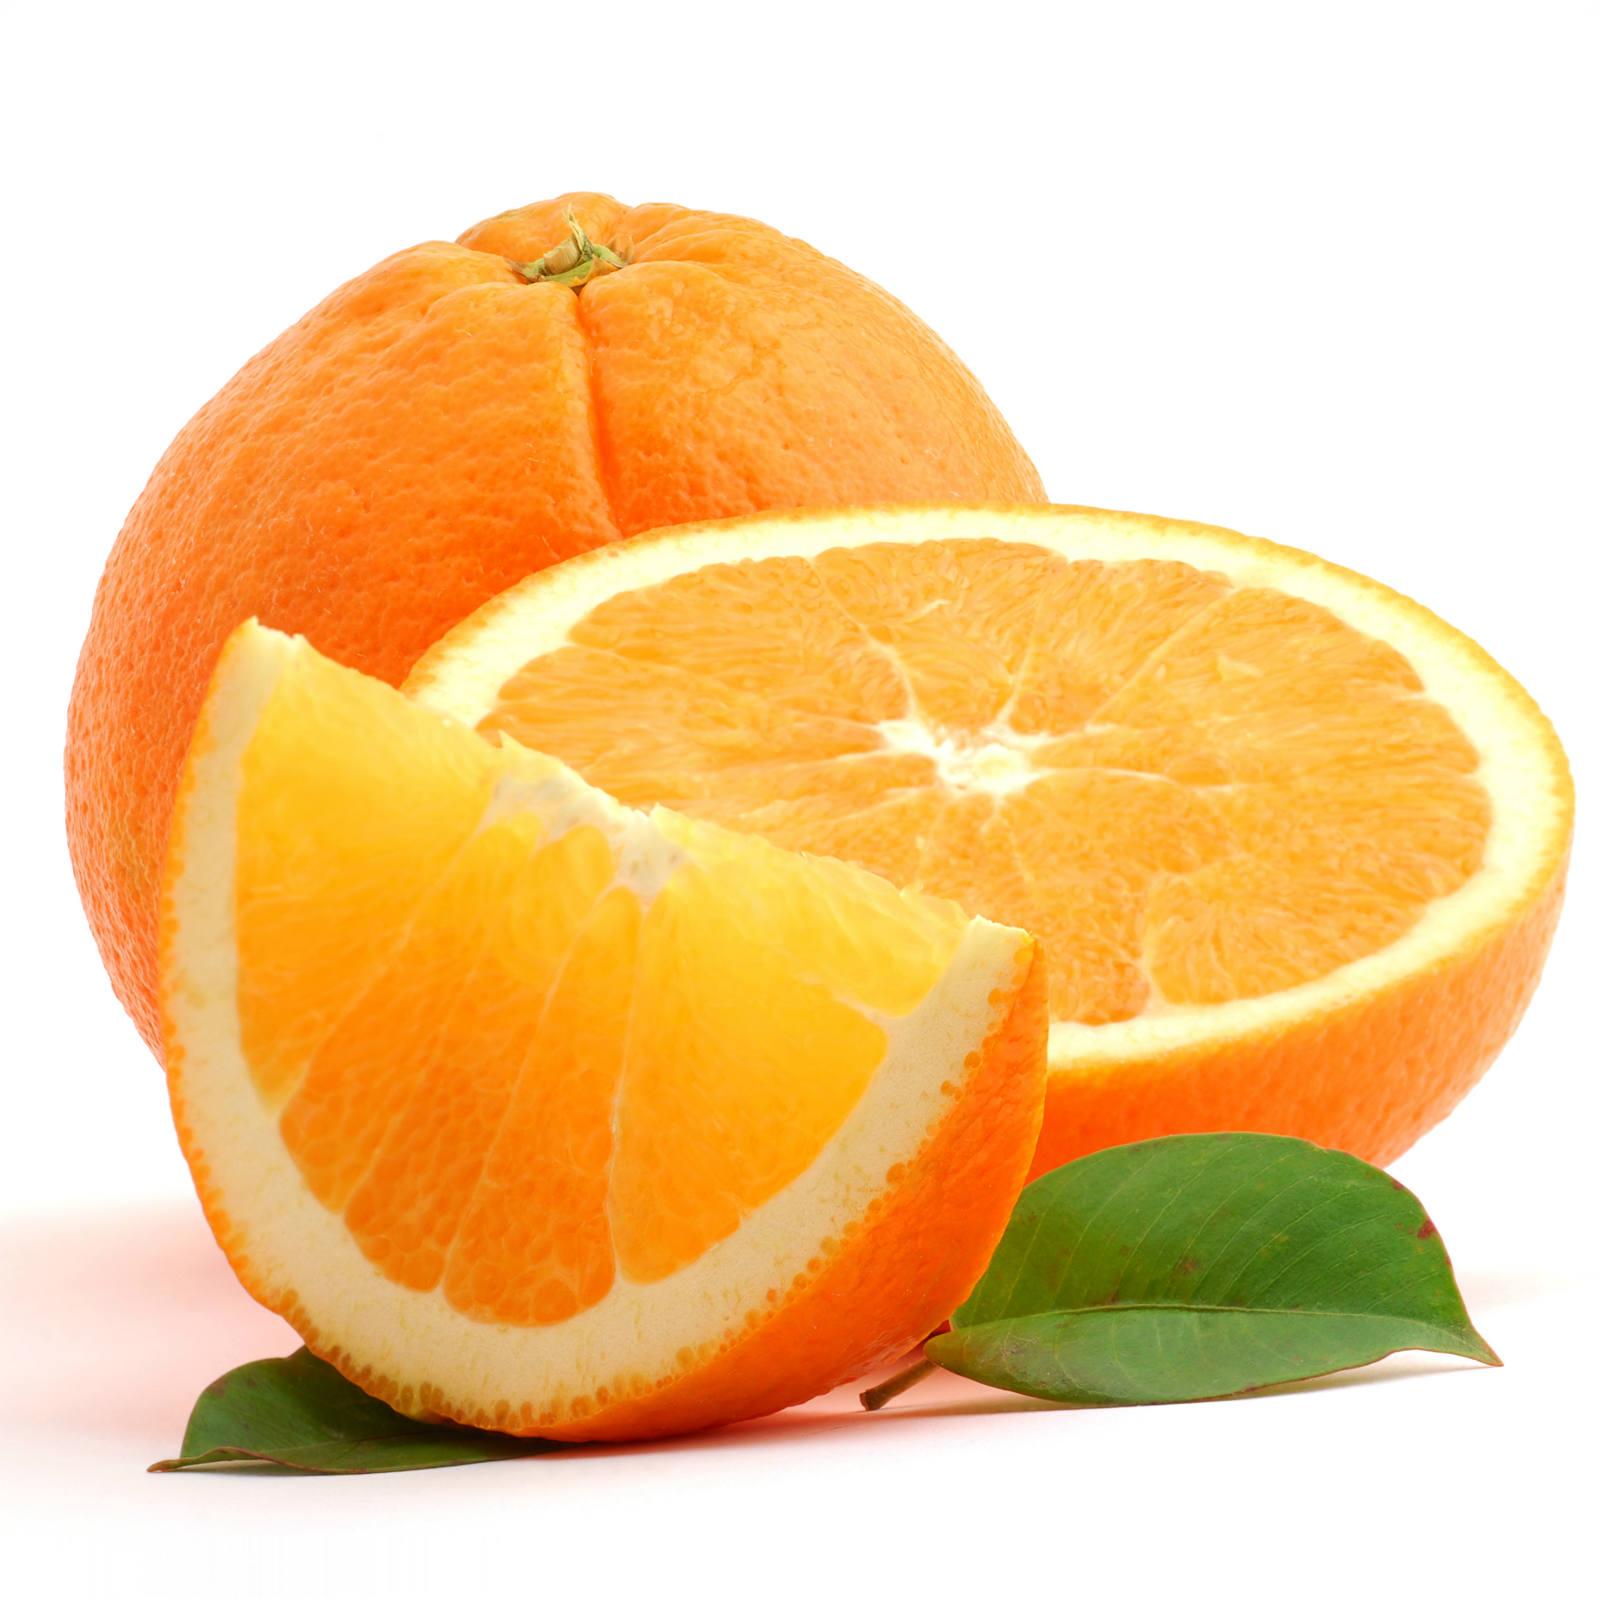 Arance navel prezzo al kg arance trinacria for Prezzo del ferro al kg oggi